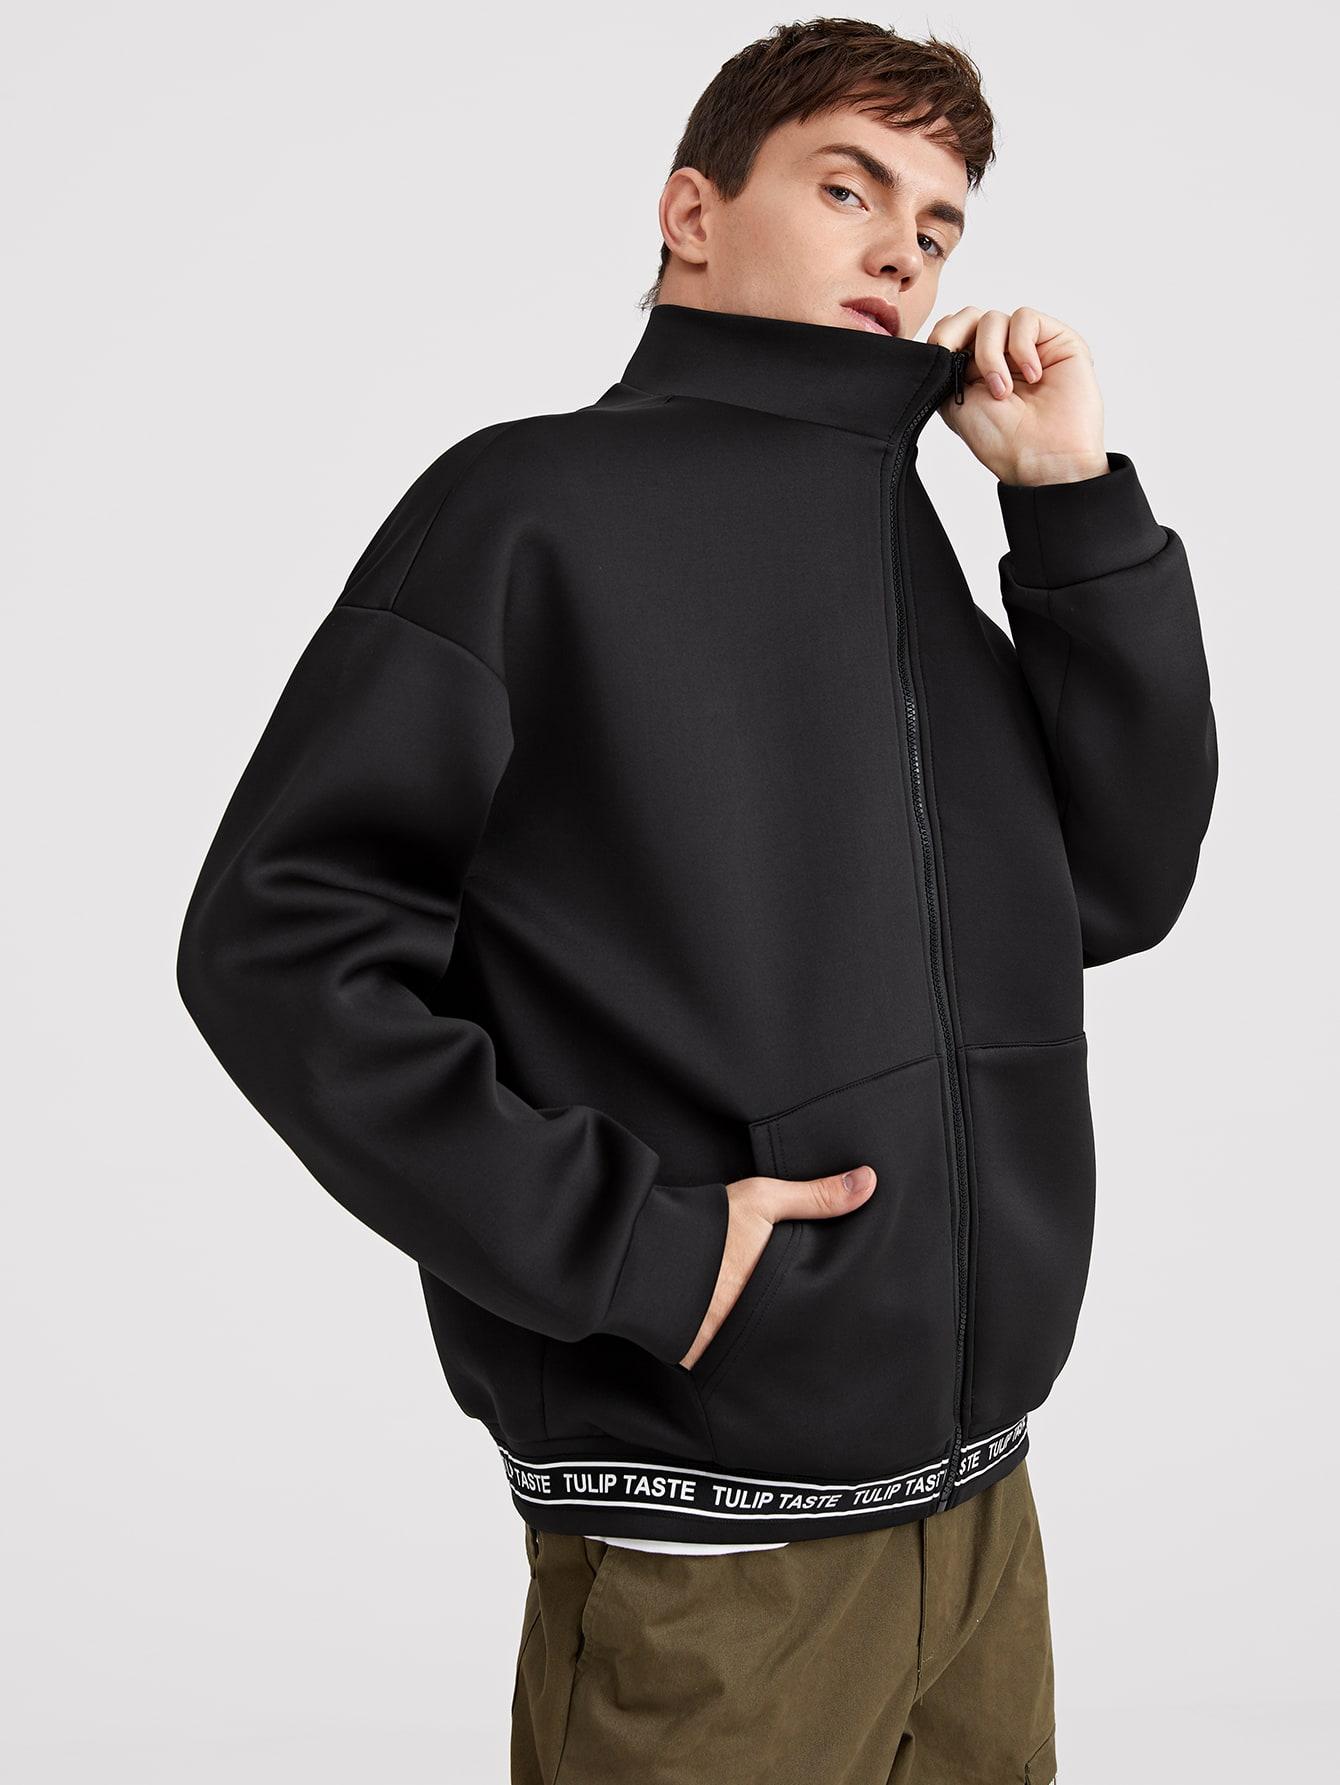 Купить Мужская куртка на молнии с текстовой лентой, Valerian, SheIn